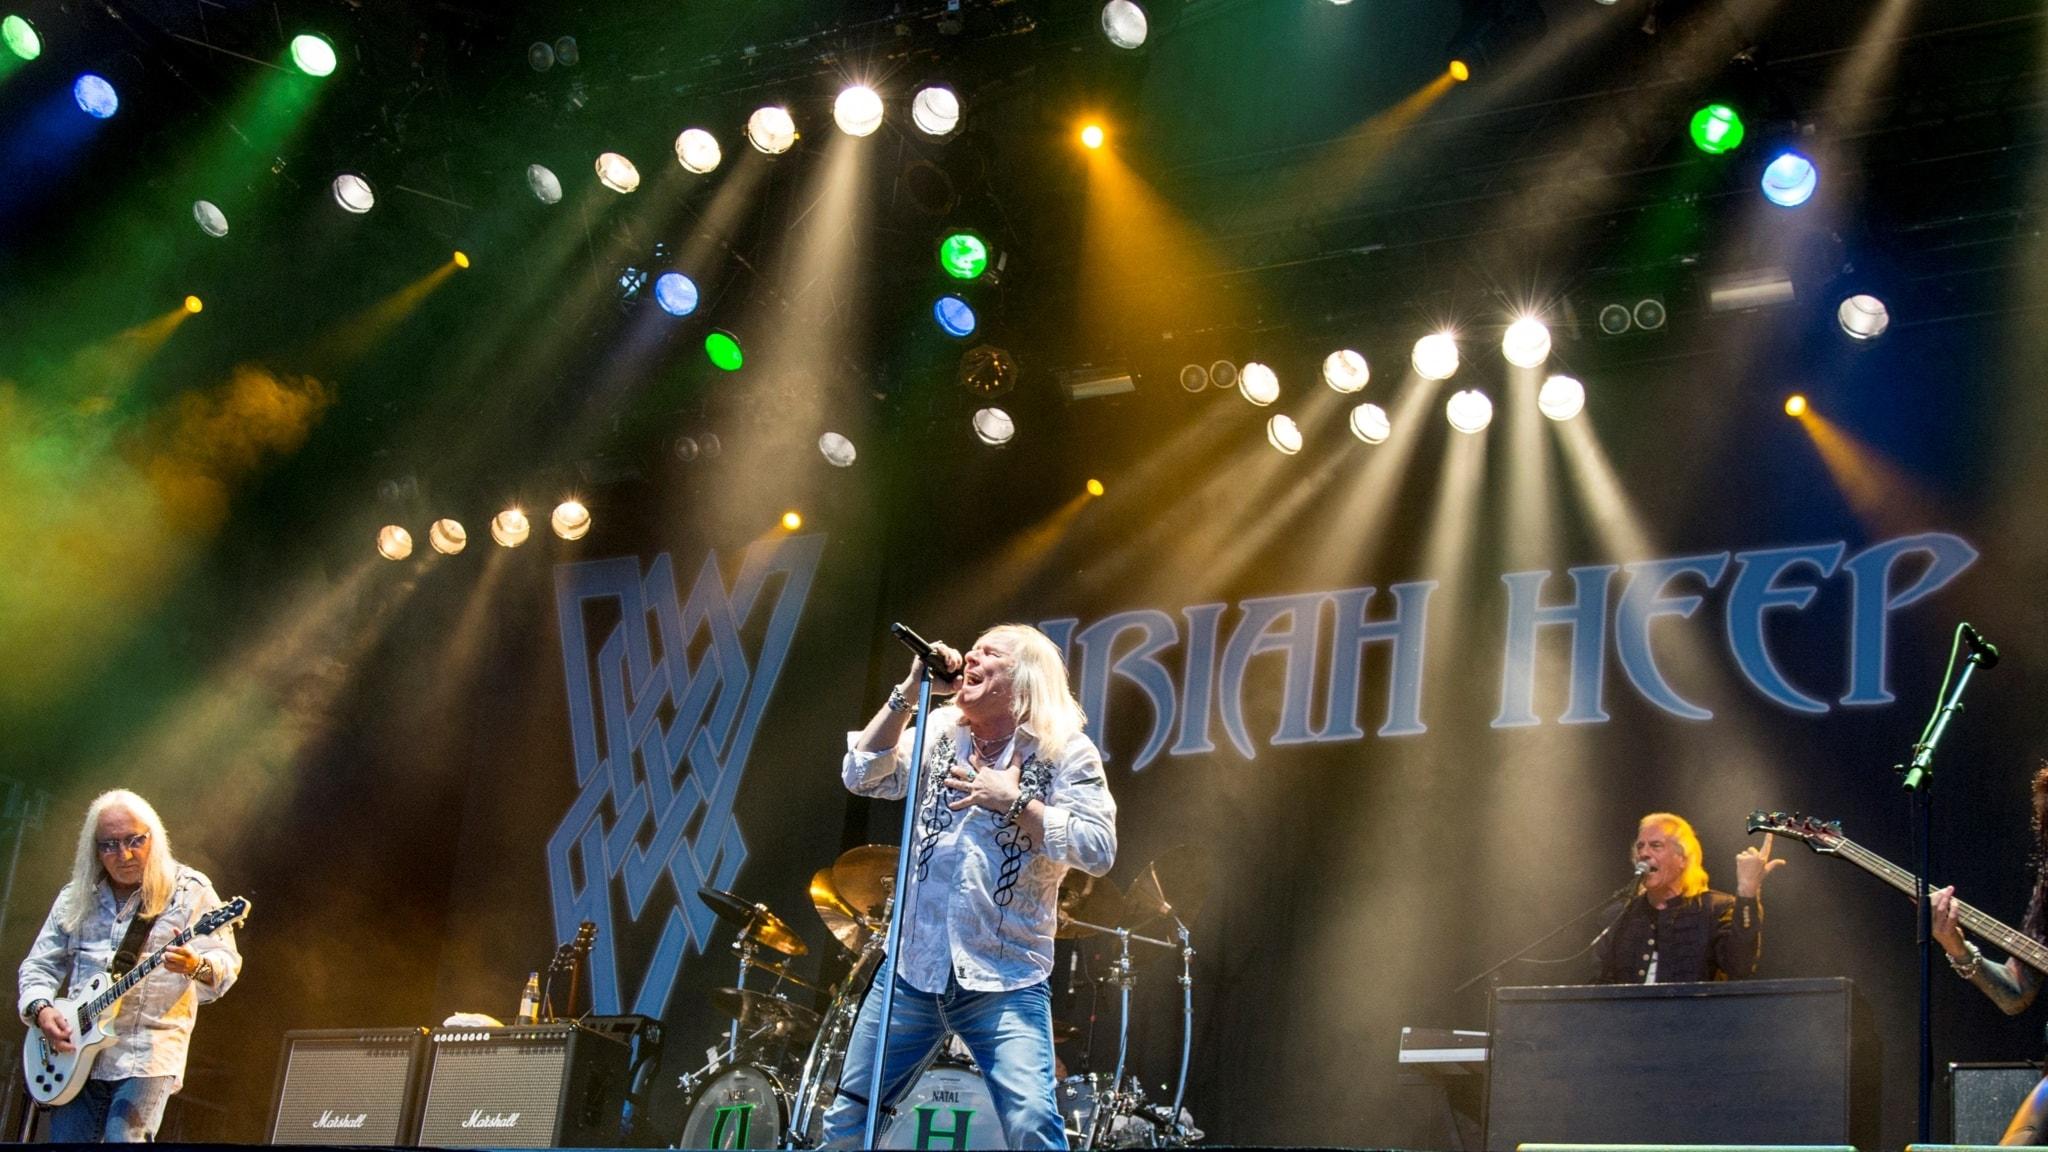 P4 Live med Uriah Heep från Sweden Rock 2014